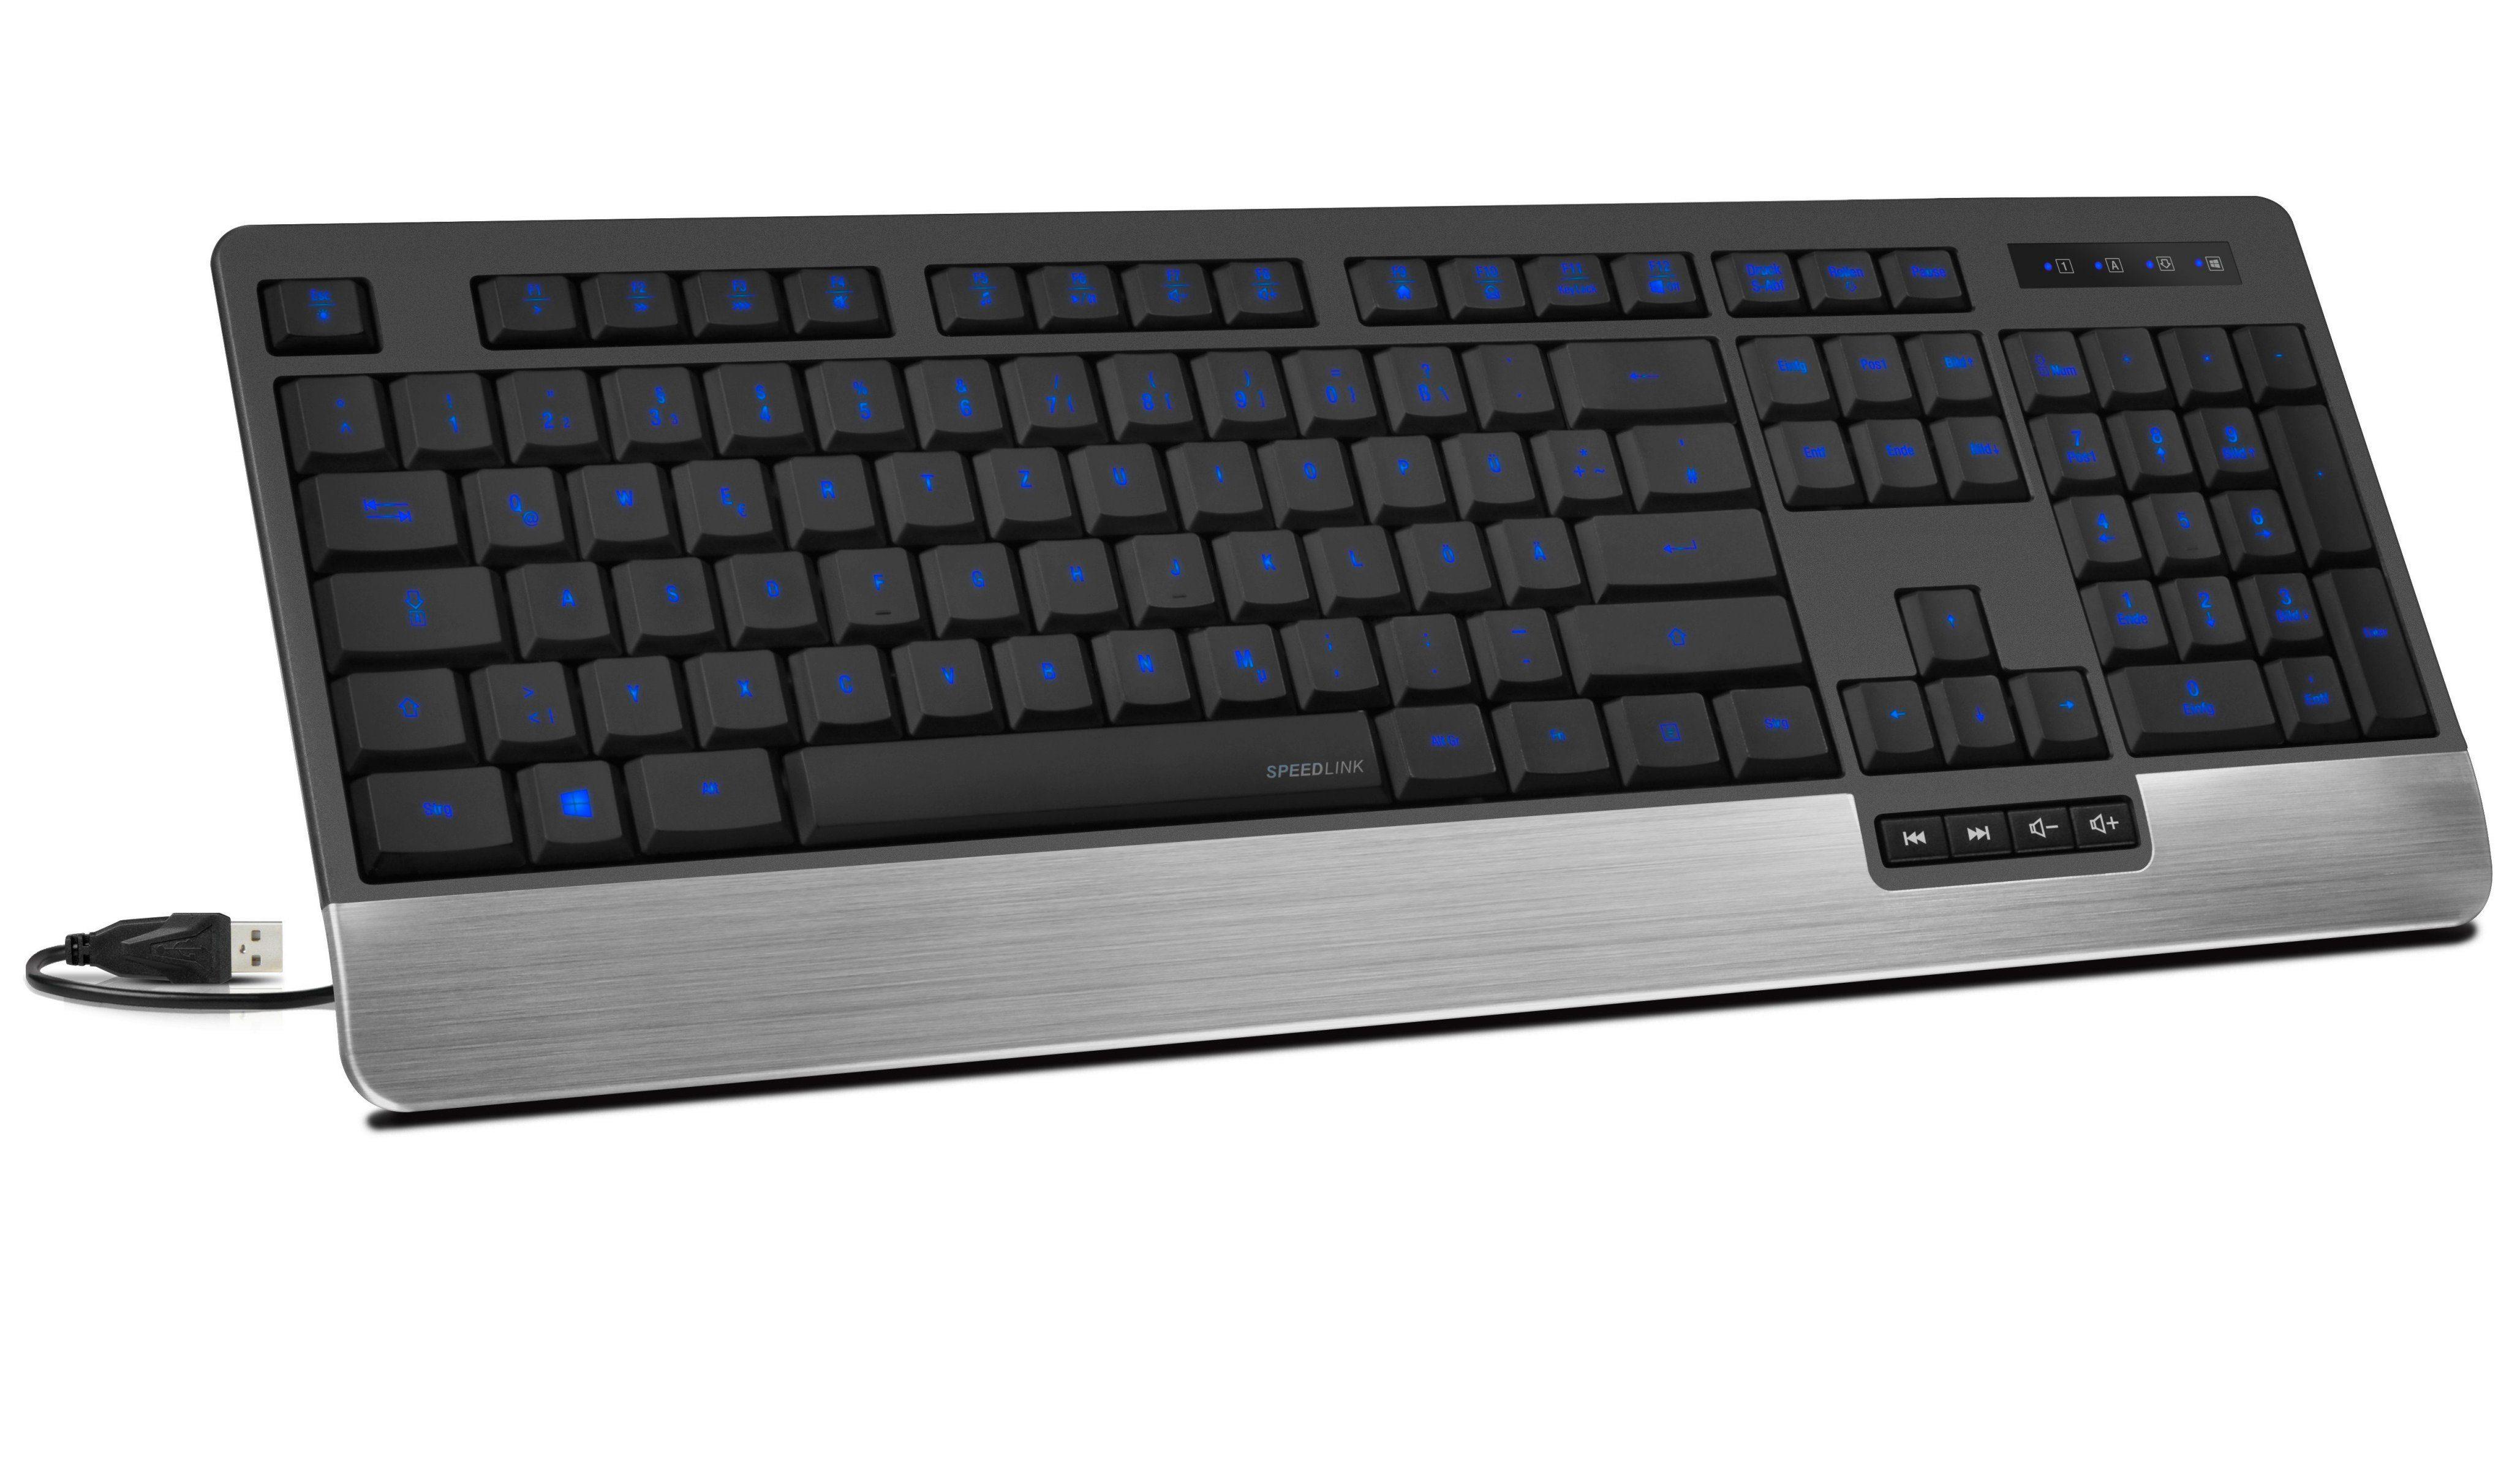 SPEEDLINK Tastatur »LUCIDIS Comfort Illuminated Keyboard - USB«